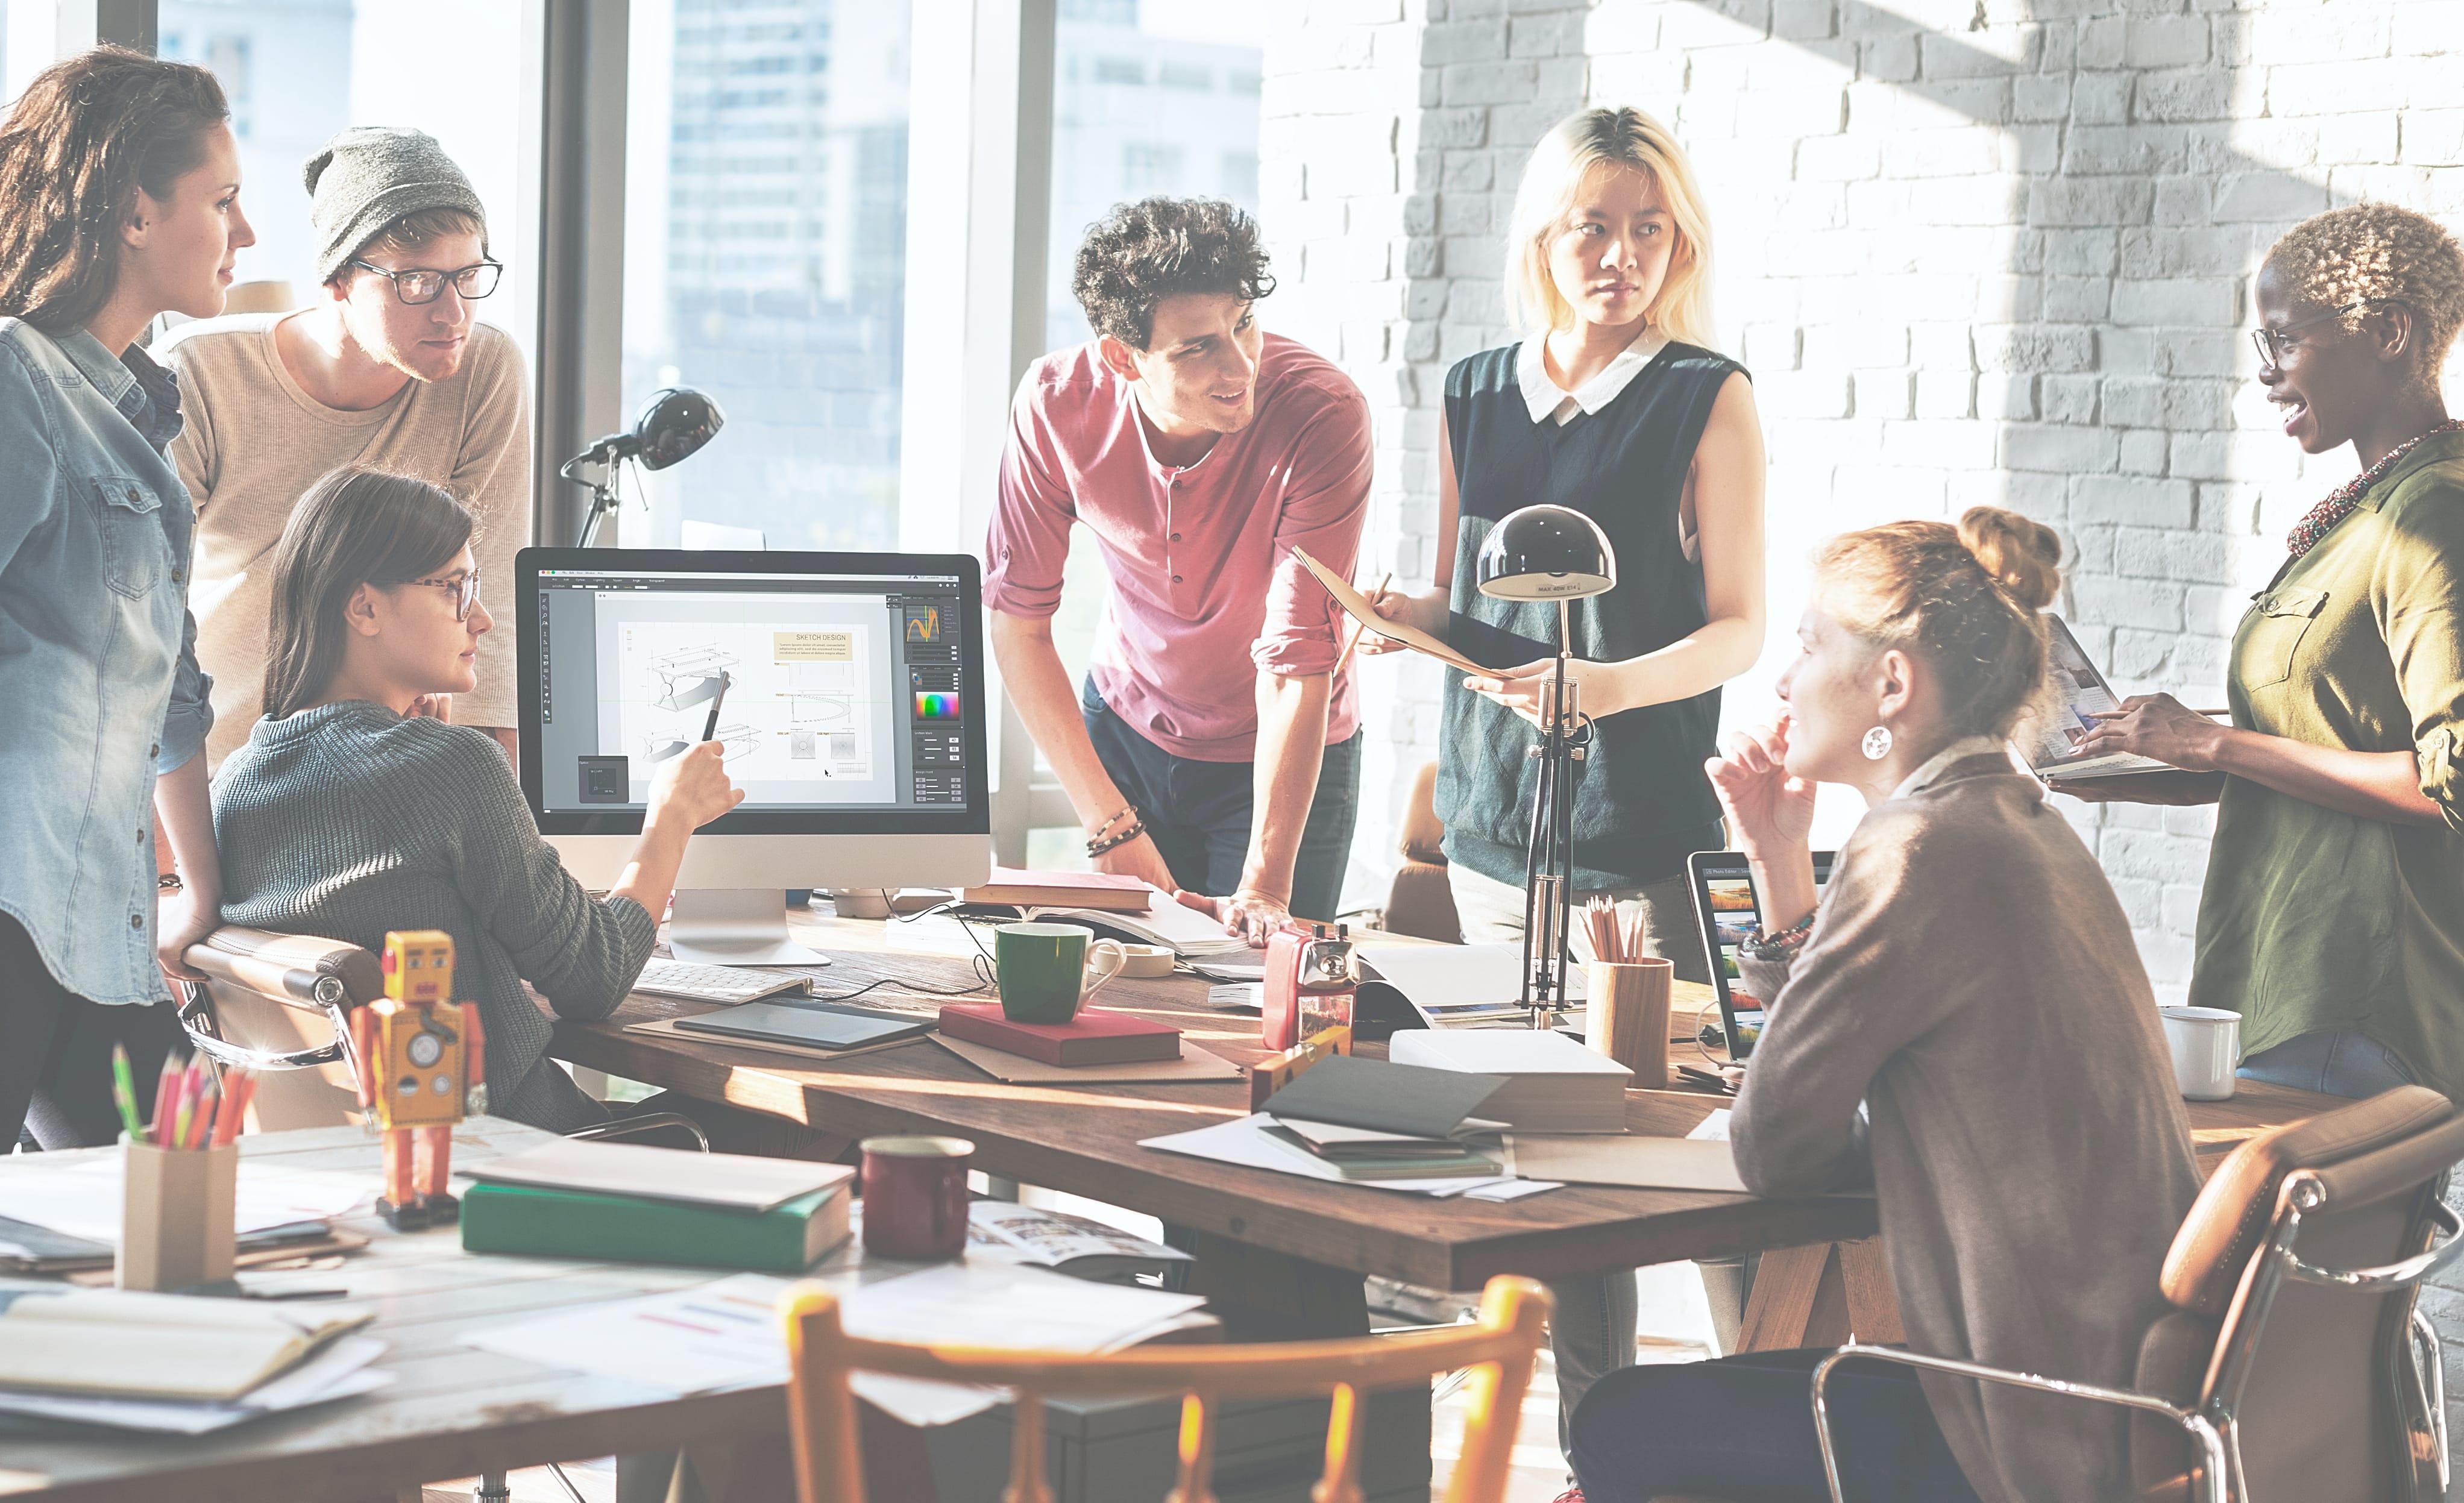 Aktiebolag eller enskild firma? 5 frågor för att välja rätt företagsform